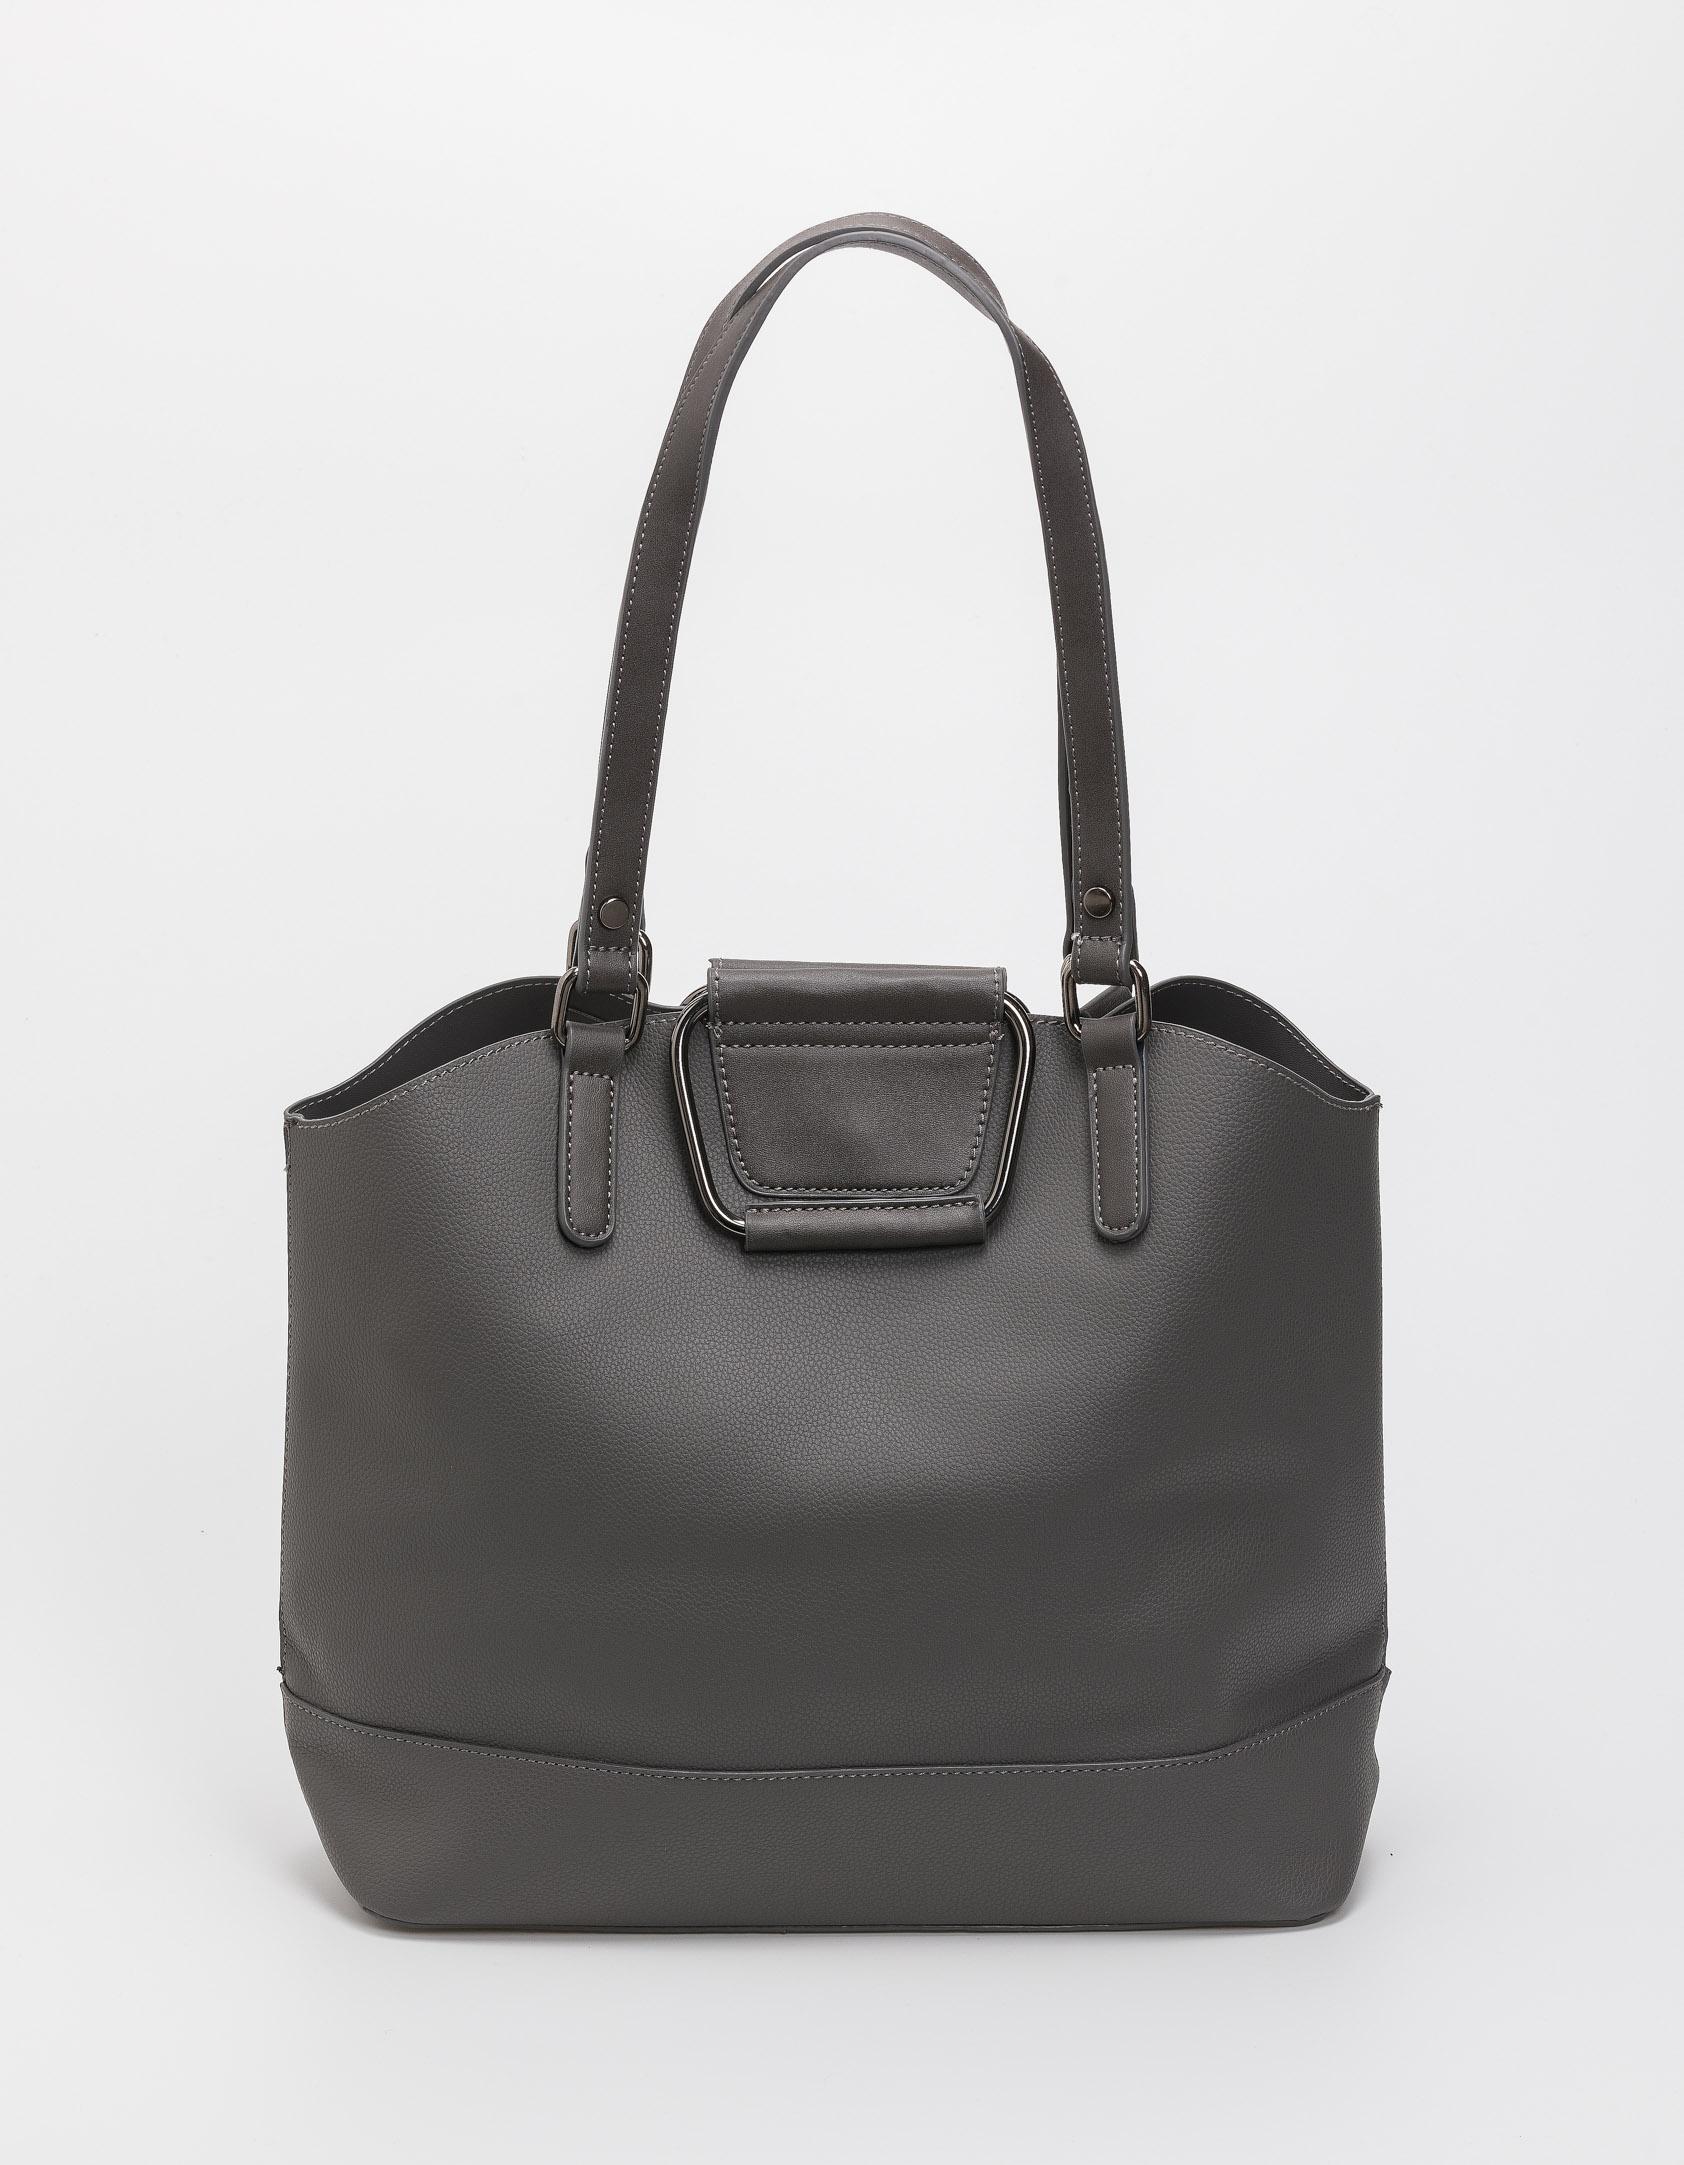 Τσάντα ώμου με μεταλλικές λεπτομέρειες - Γκρι